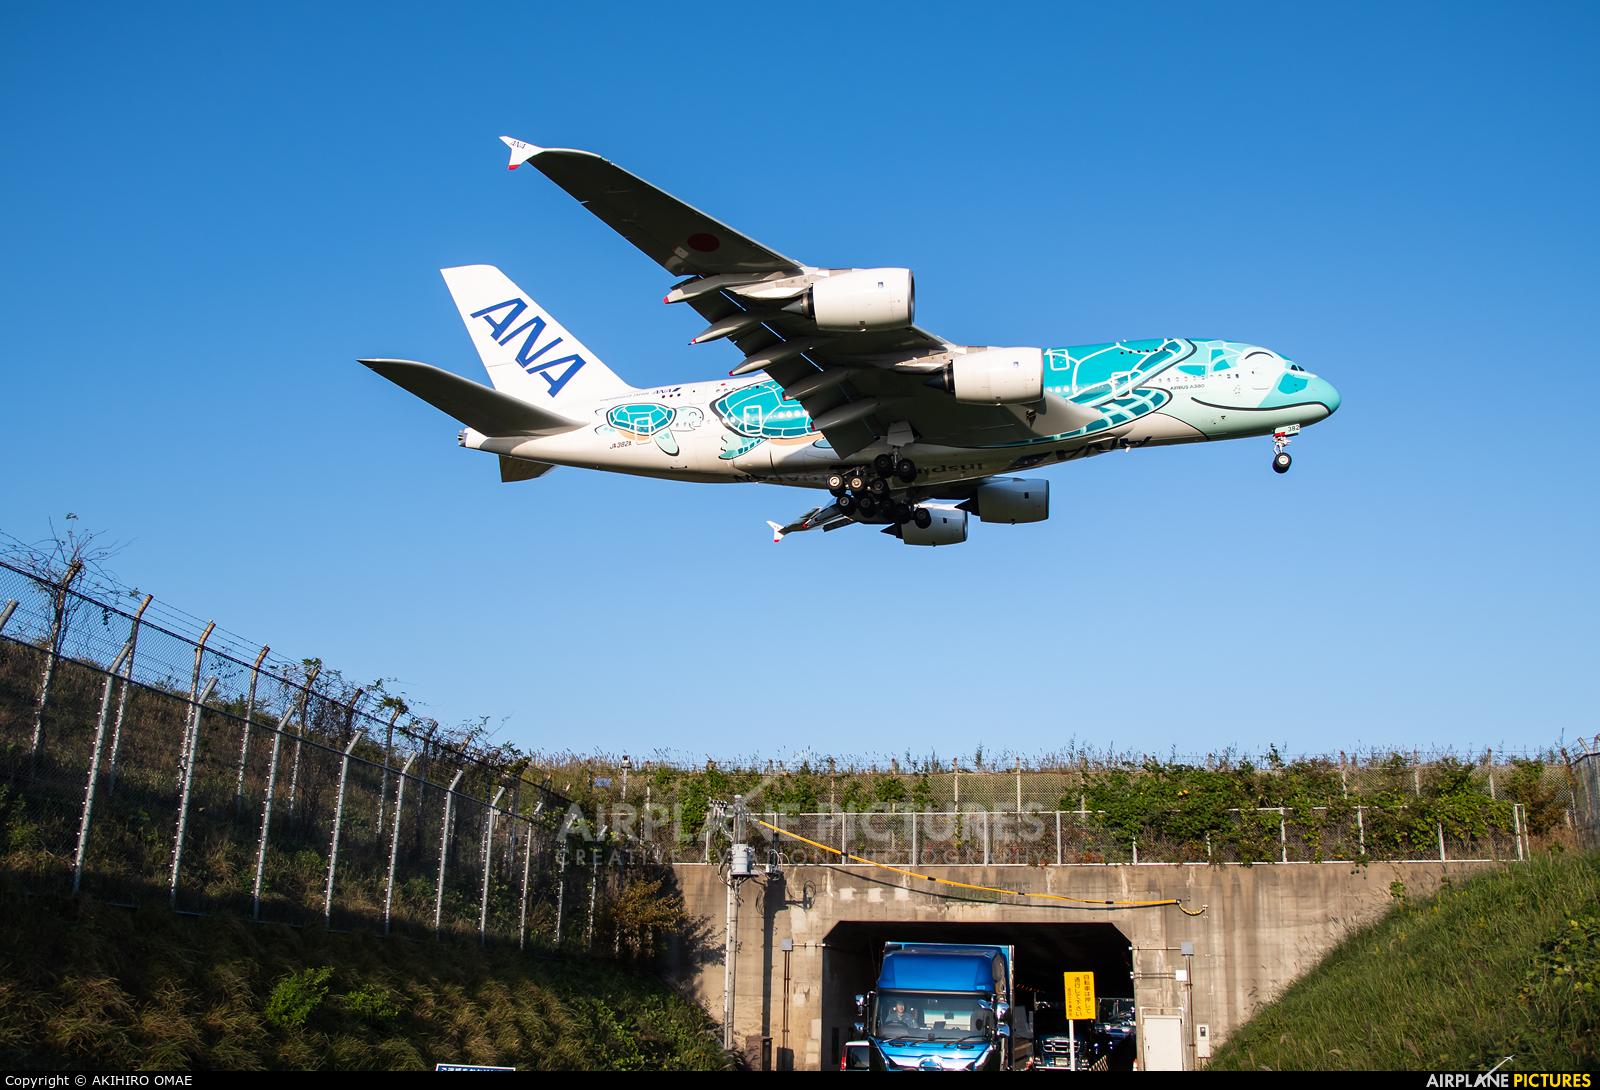 ANA - All Nippon Airways JA382A aircraft at Tokyo - Narita Intl